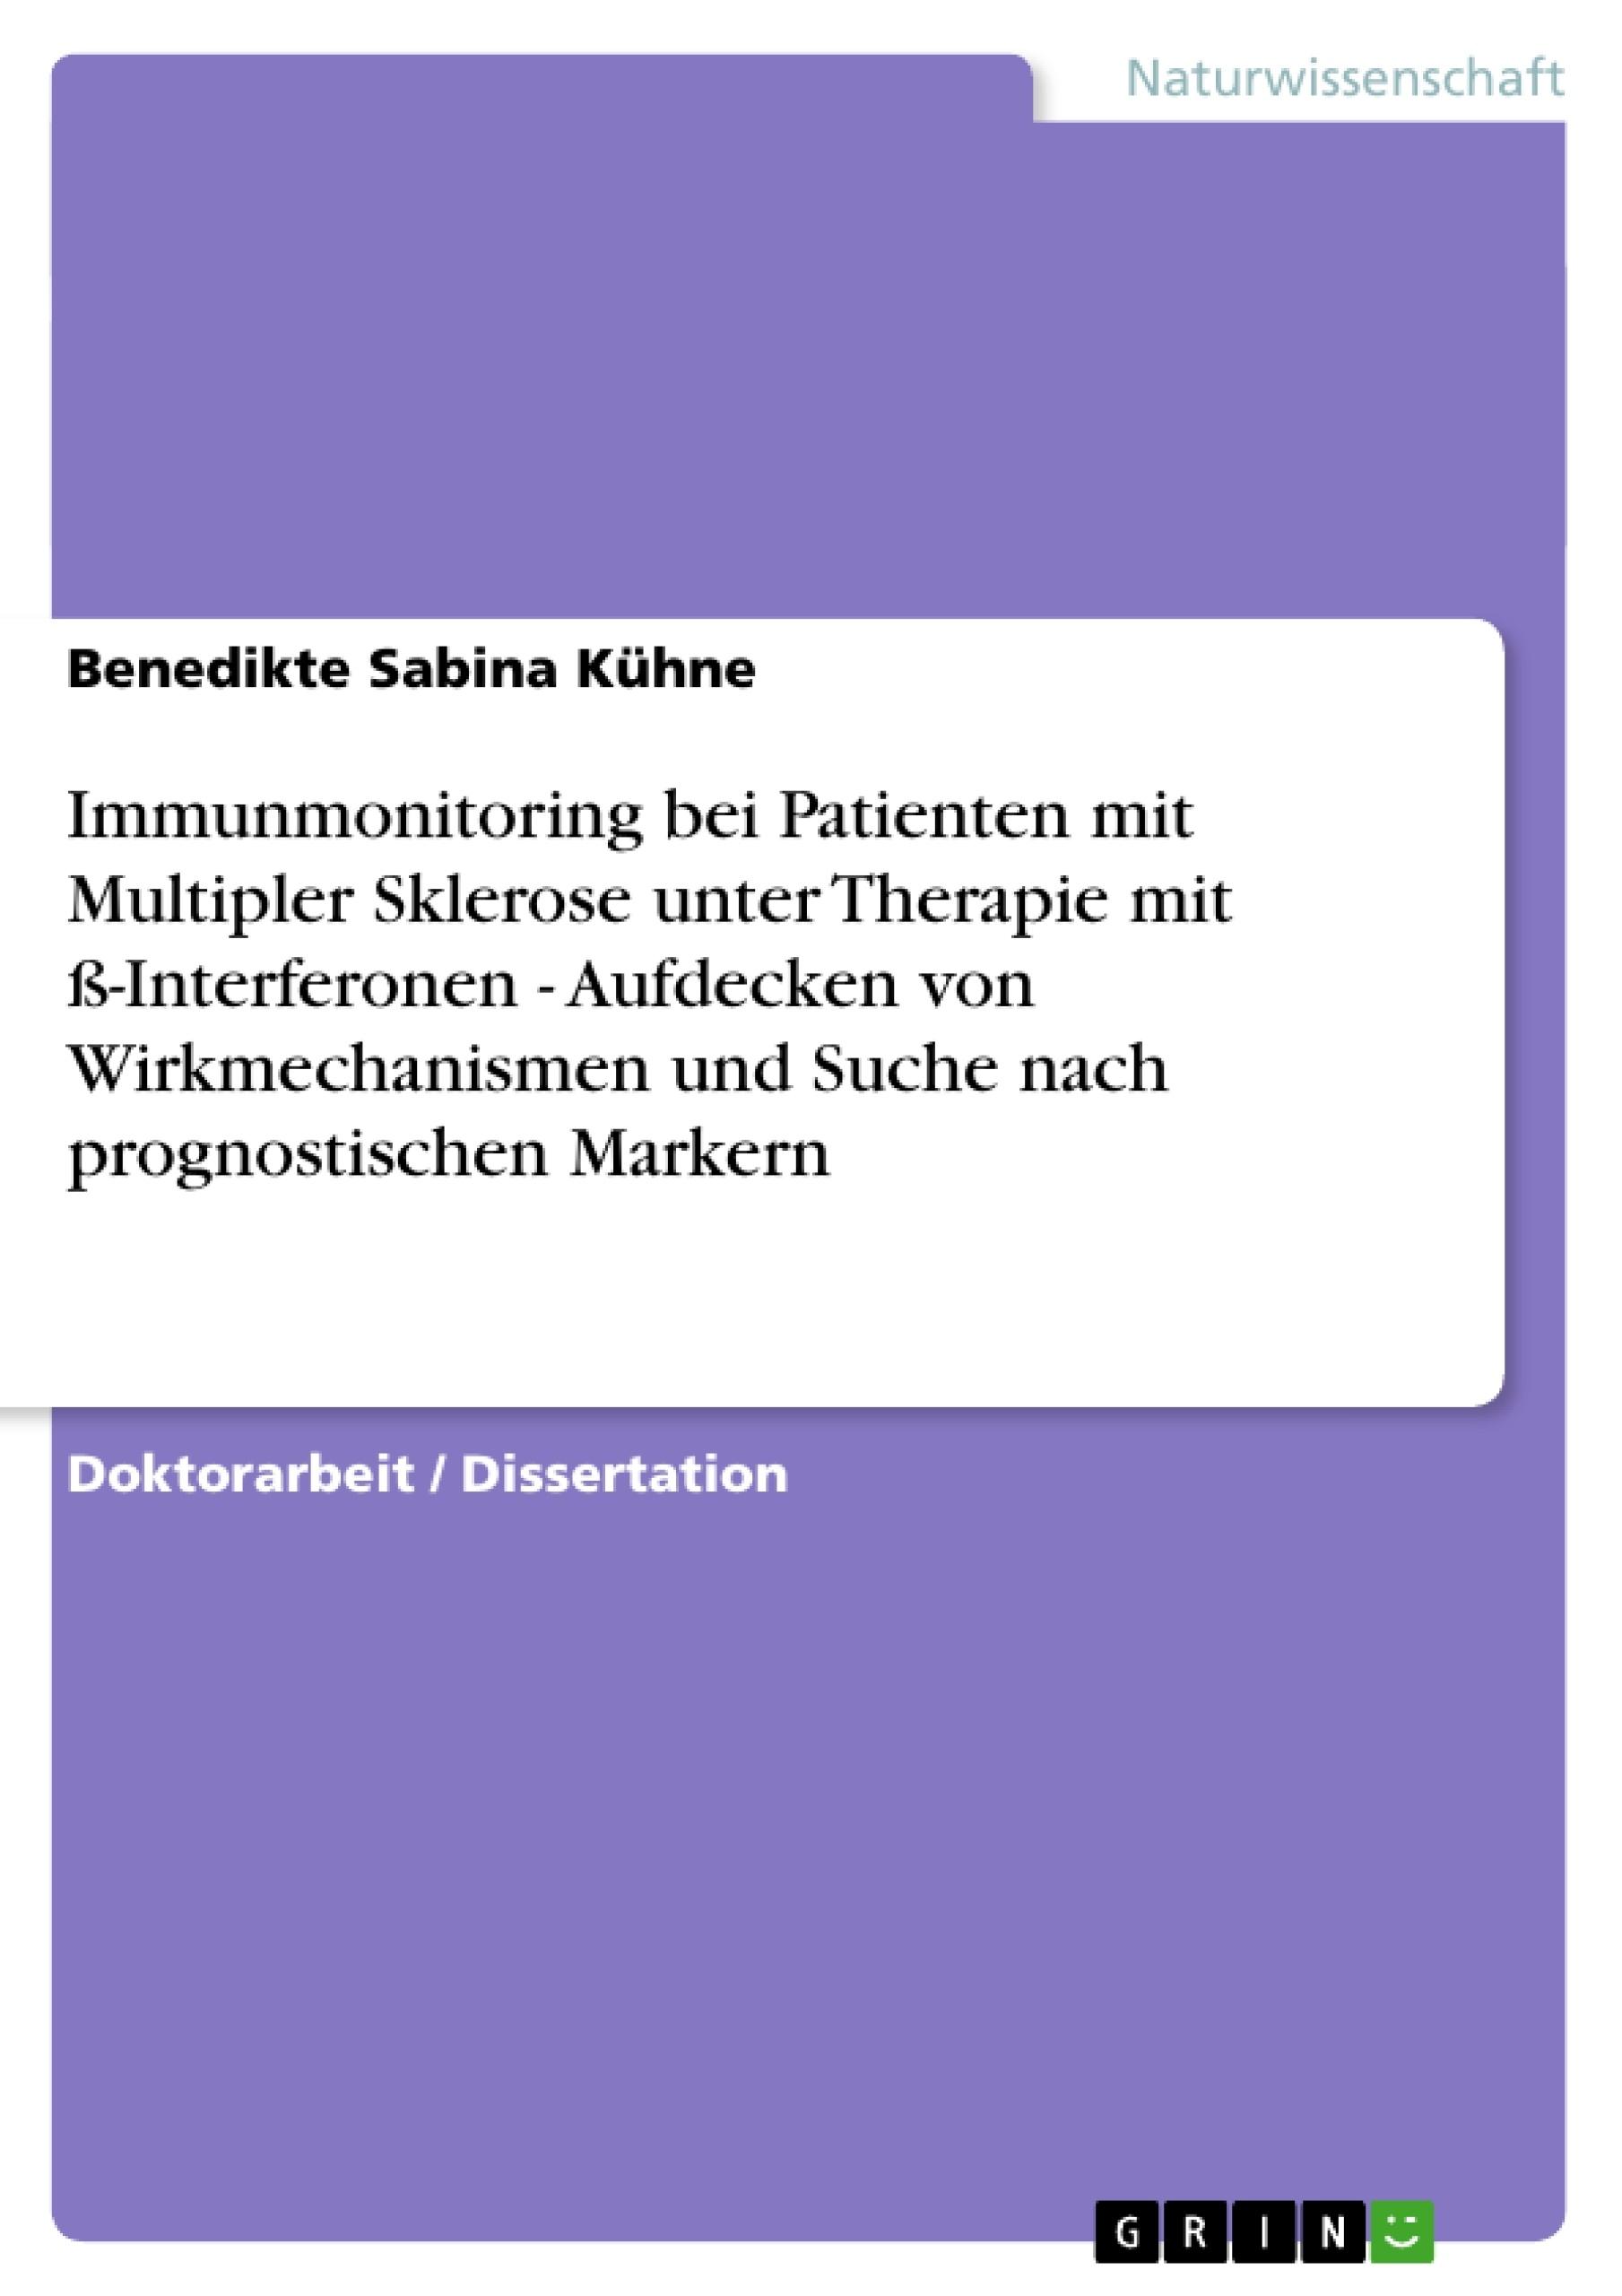 Titel: Immunmonitoring bei Patienten mit Multipler Sklerose unter Therapie mit ß-Interferonen - Aufdecken von Wirkmechanismen und Suche nach prognostischen Markern